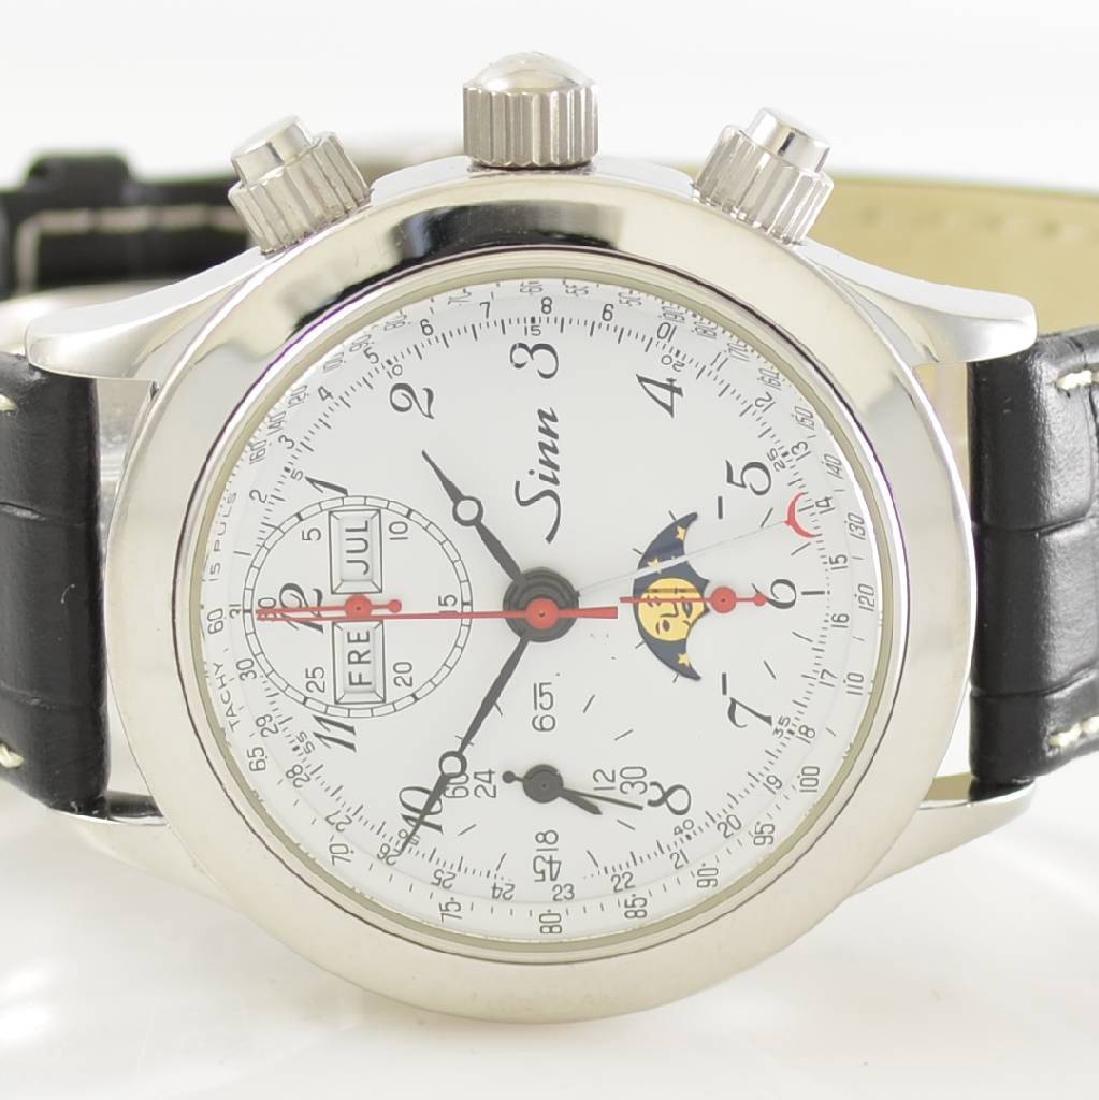 SINN gents wristwatch model 6026 - 2